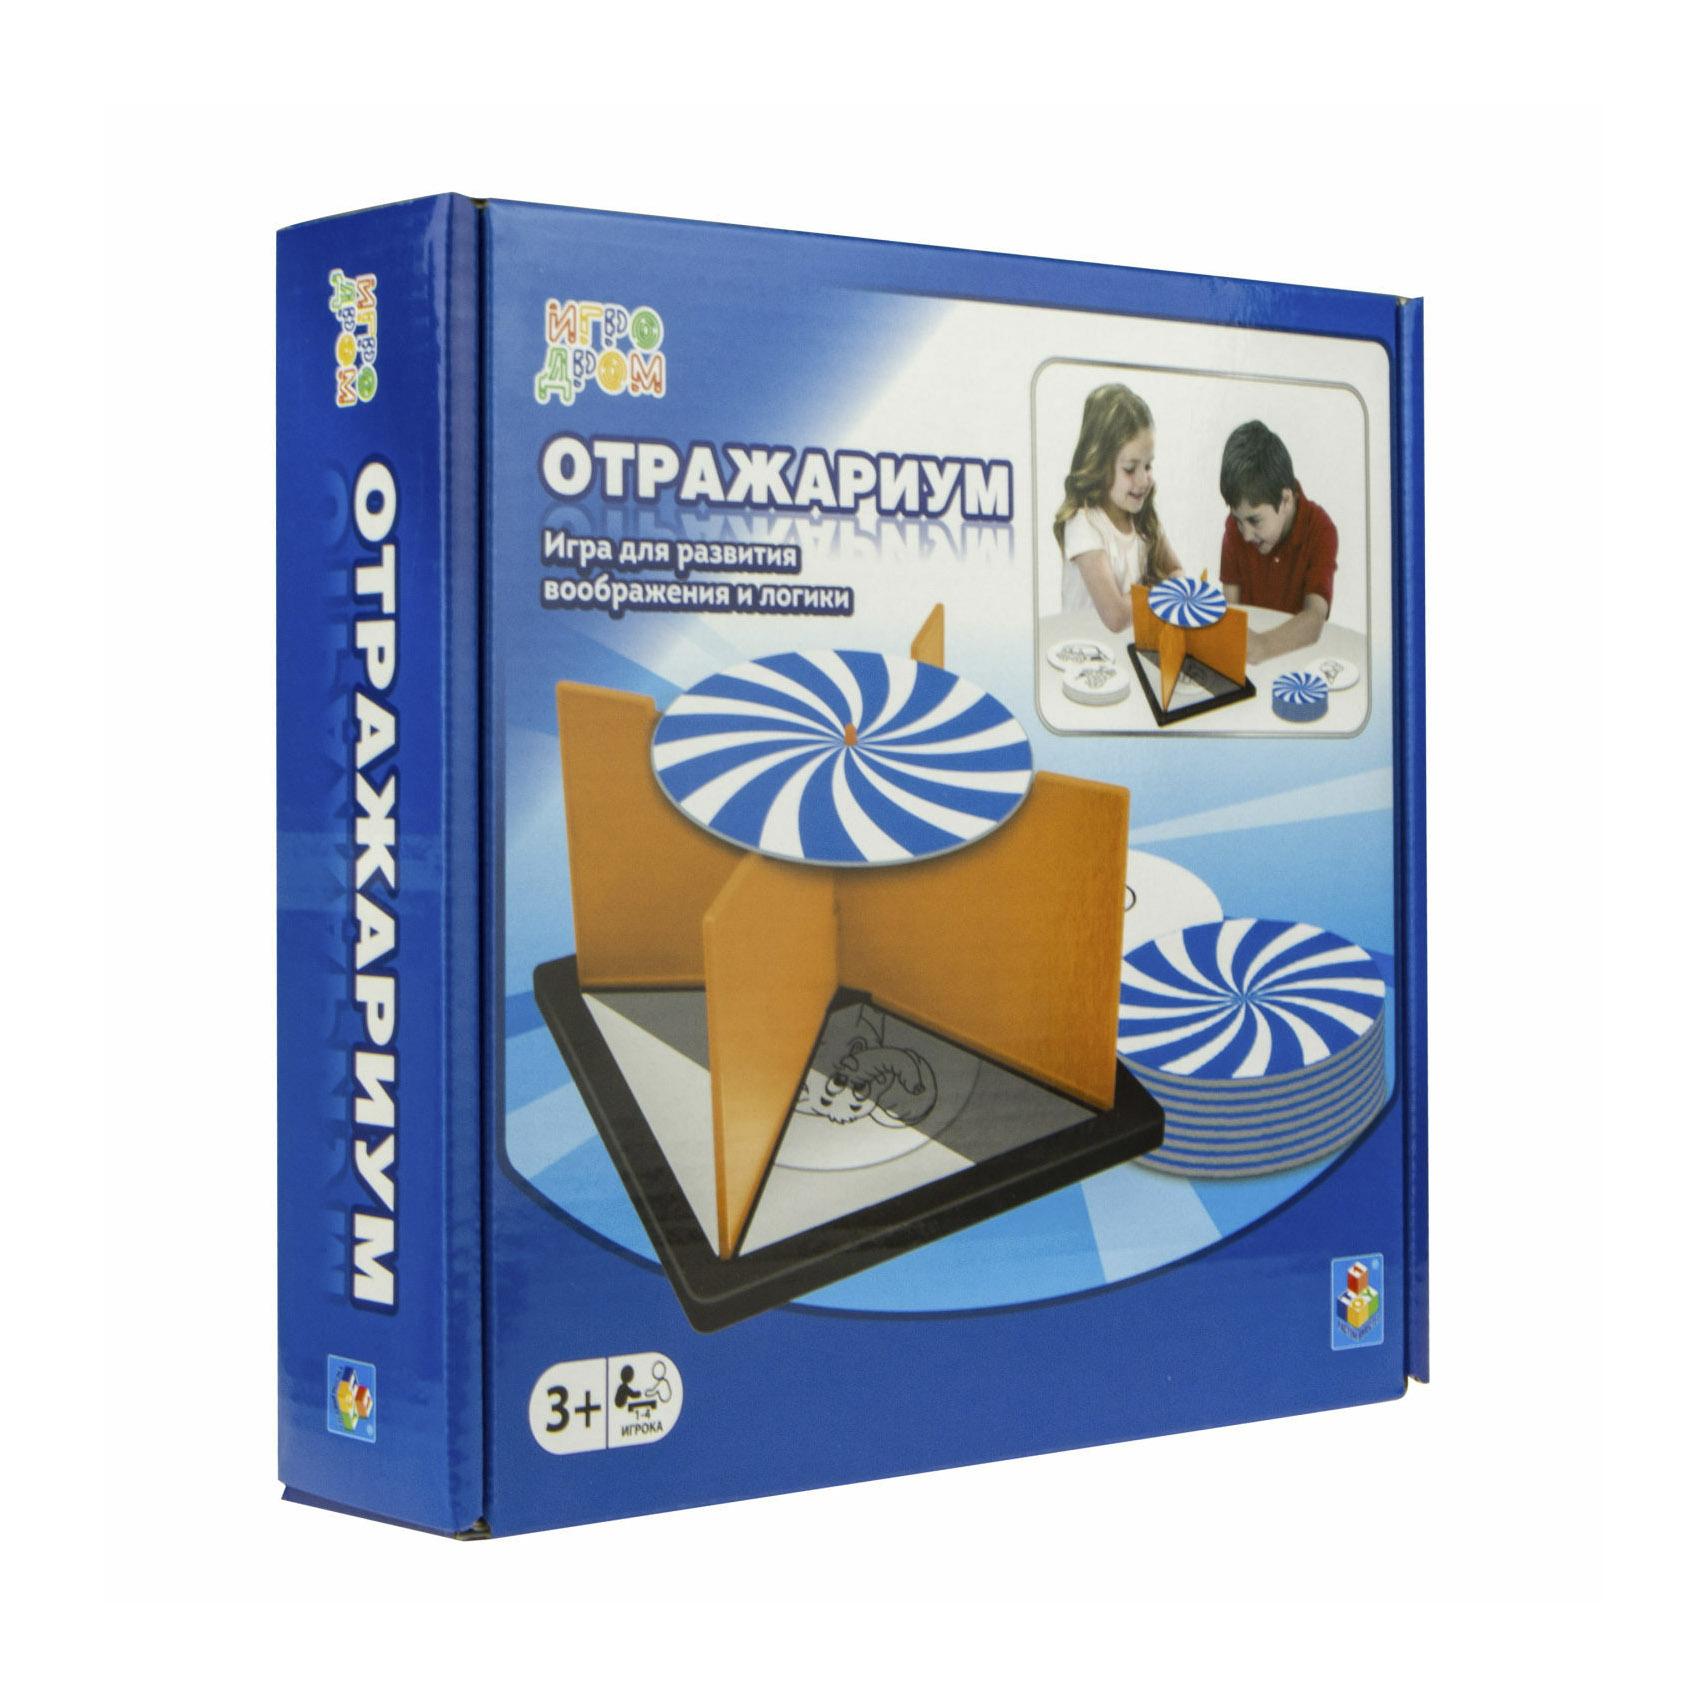 Фото - Настольная игра 1Toy Игродром. Отражариум настольная игра 1 toy игродром логические опыты